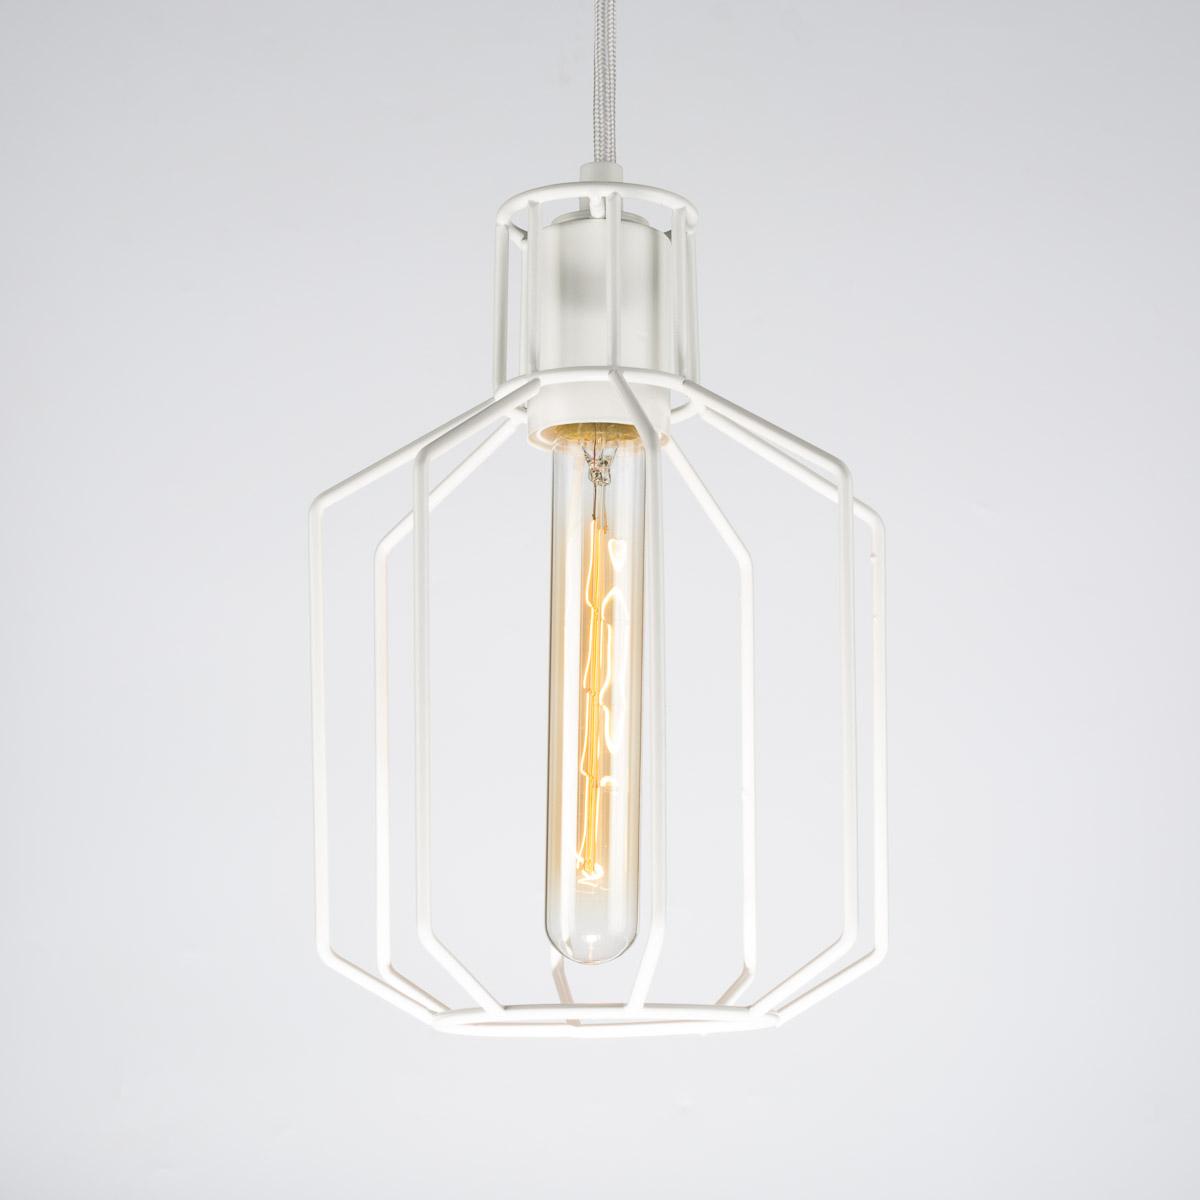 Потолочный светильник Saga белый